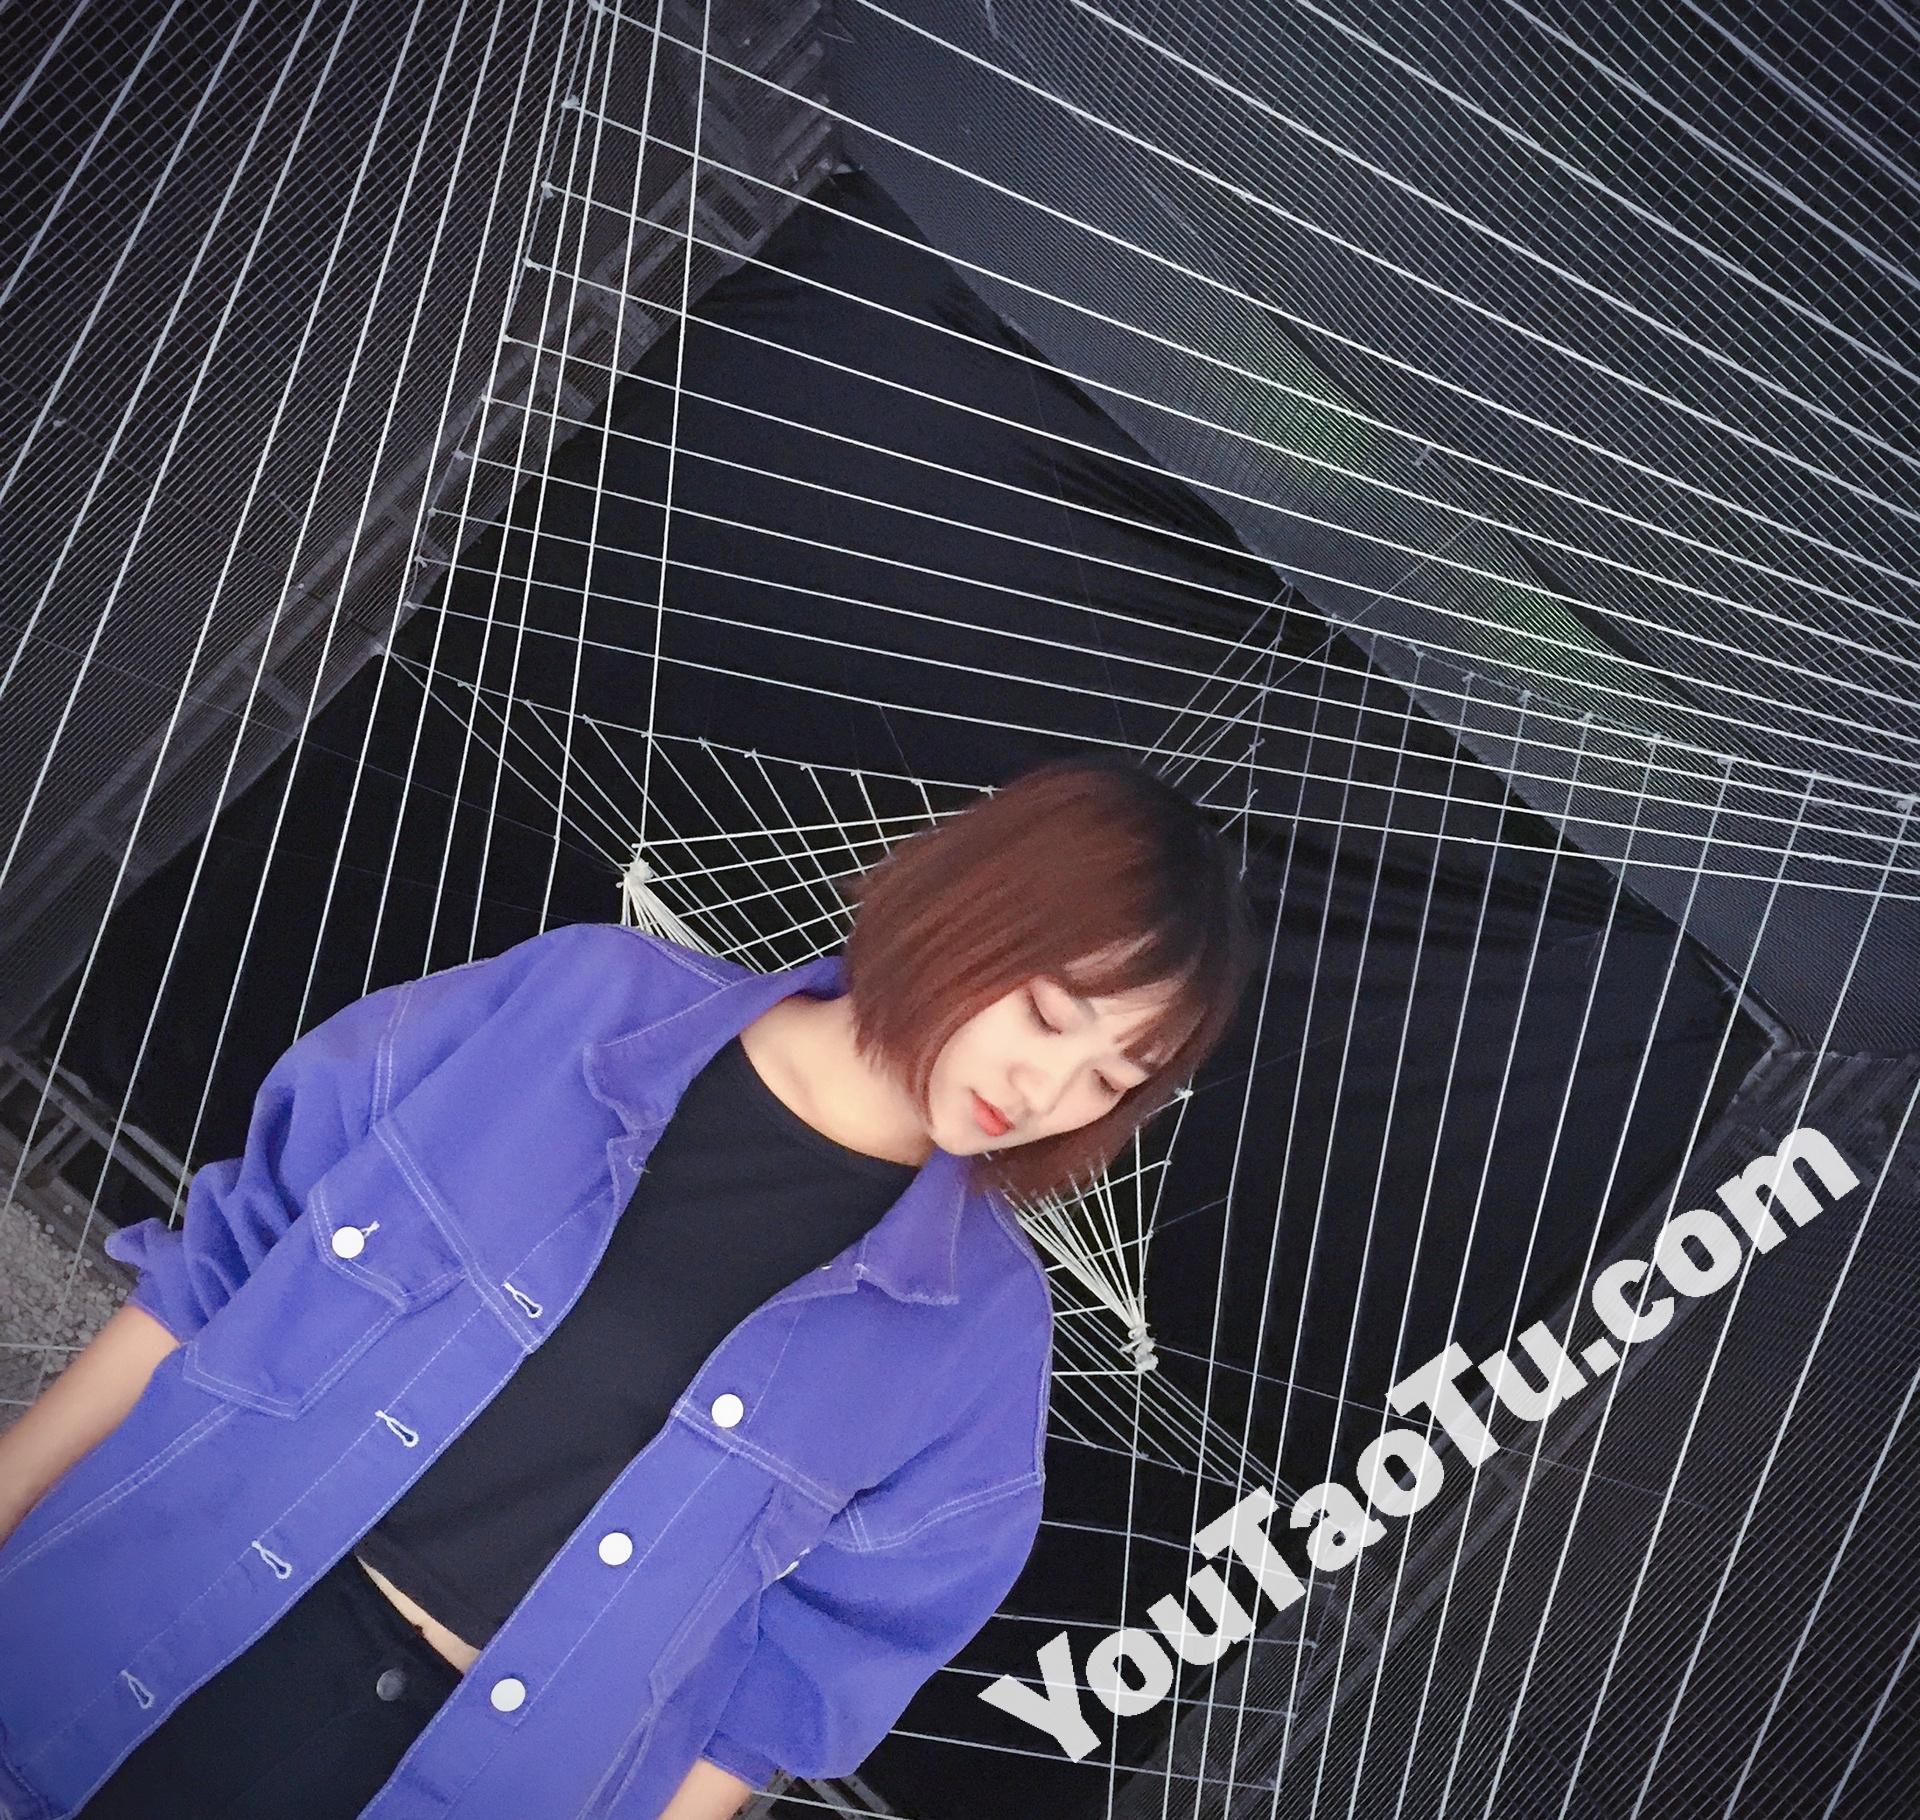 W03女套图355照片+16视频(萌可爱短发青春)-10